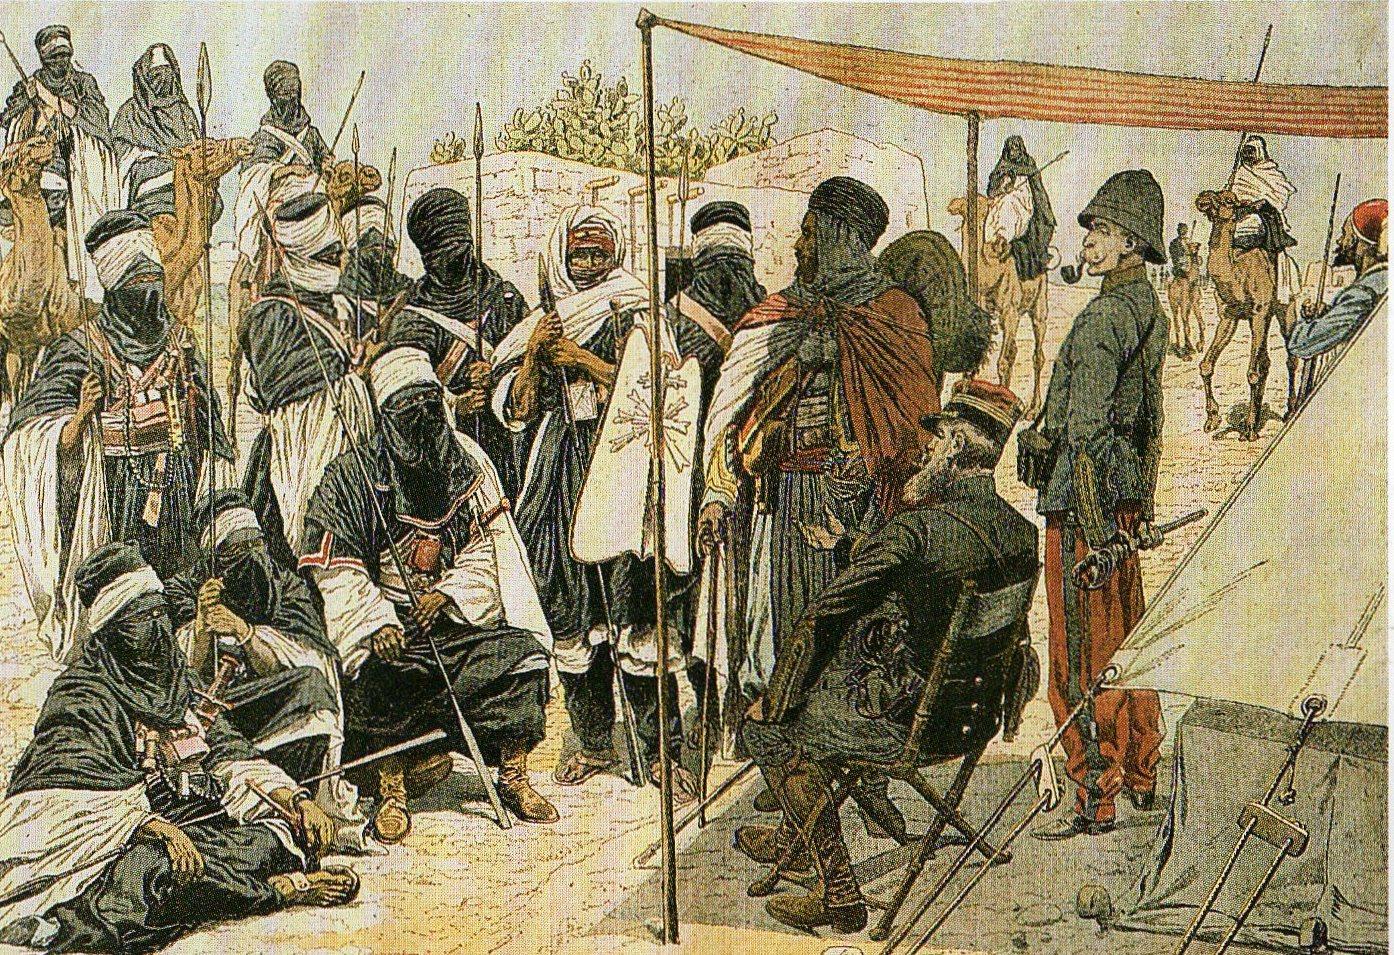 [Après+la+défaite+de+Tit+en+1902,+Musa+agg-Amastan+présente+sa+soumission+aux+militaires+français+dans+l'oasis+d'In-Salah.jpg]